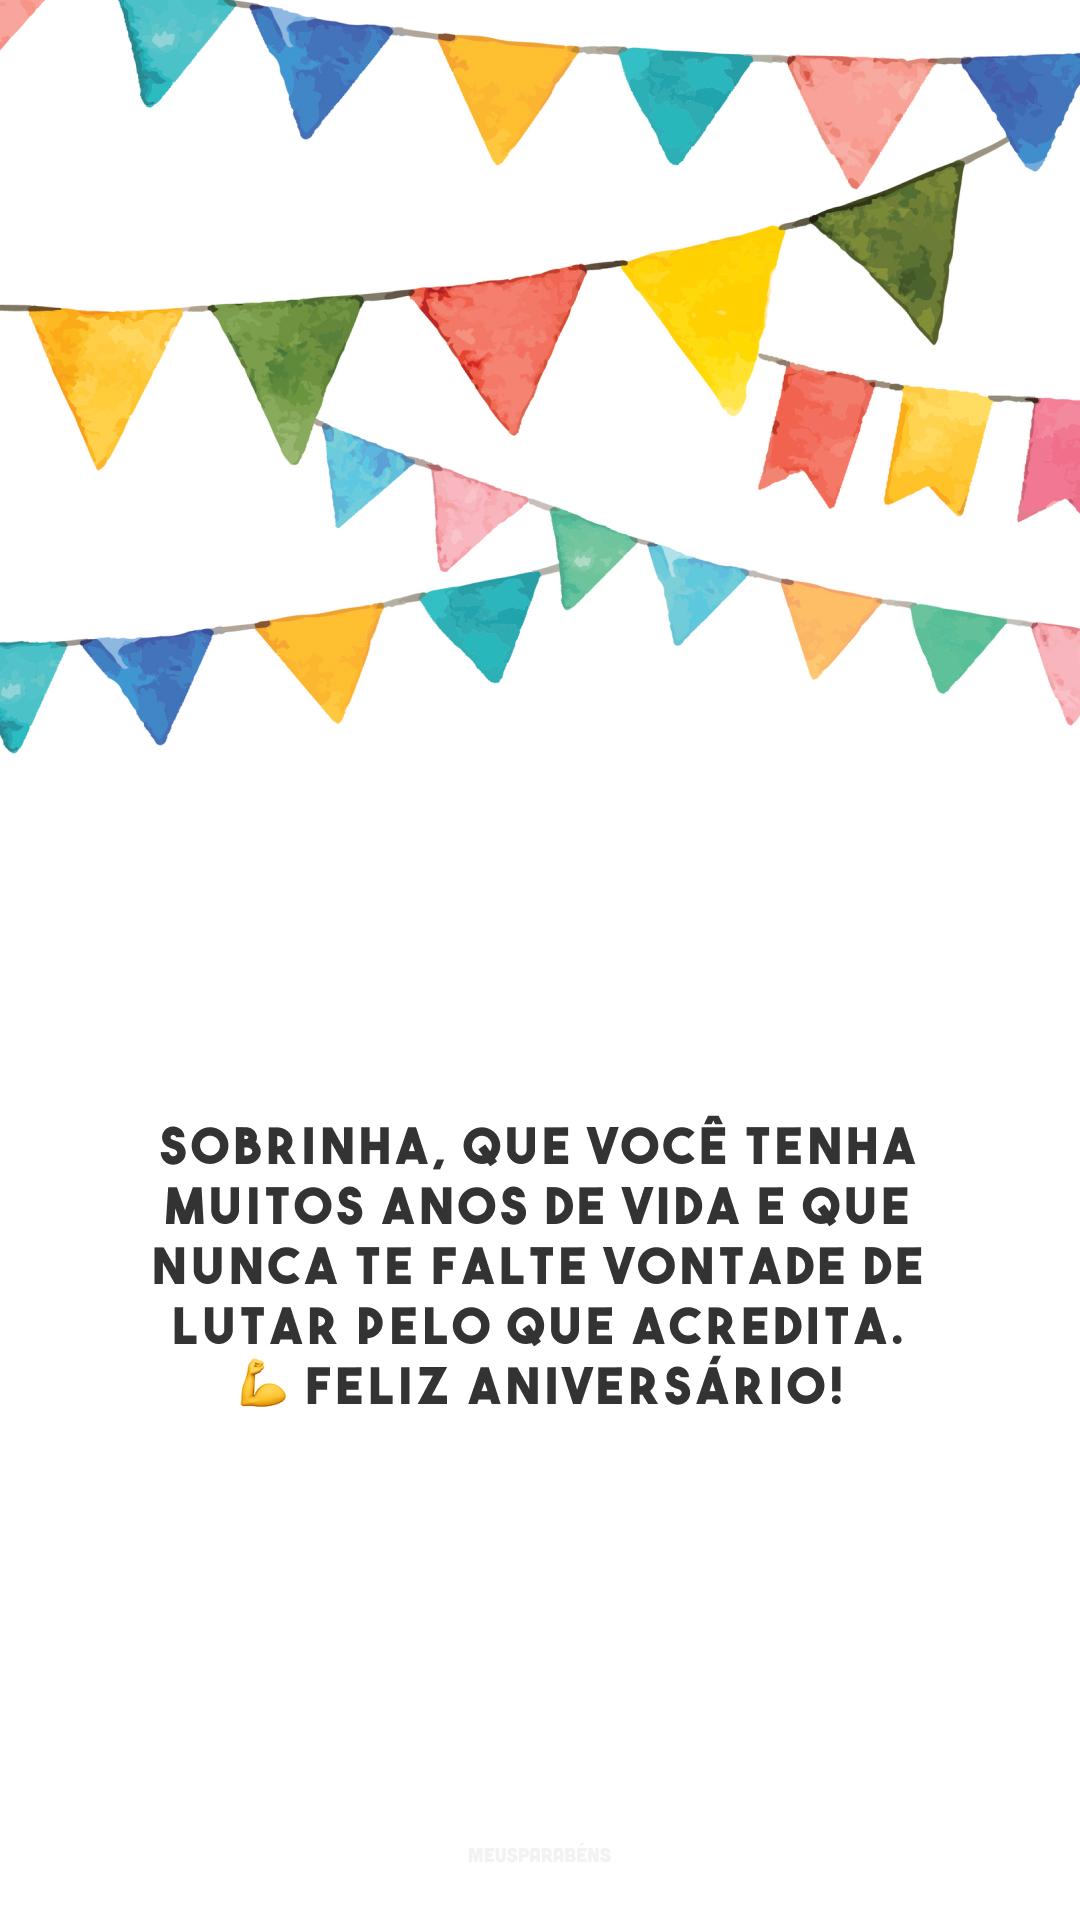 Sobrinha, que você tenha muitos anos de vida e que nunca te falte vontade de lutar pelo que acredita. 💪 Feliz aniversário!